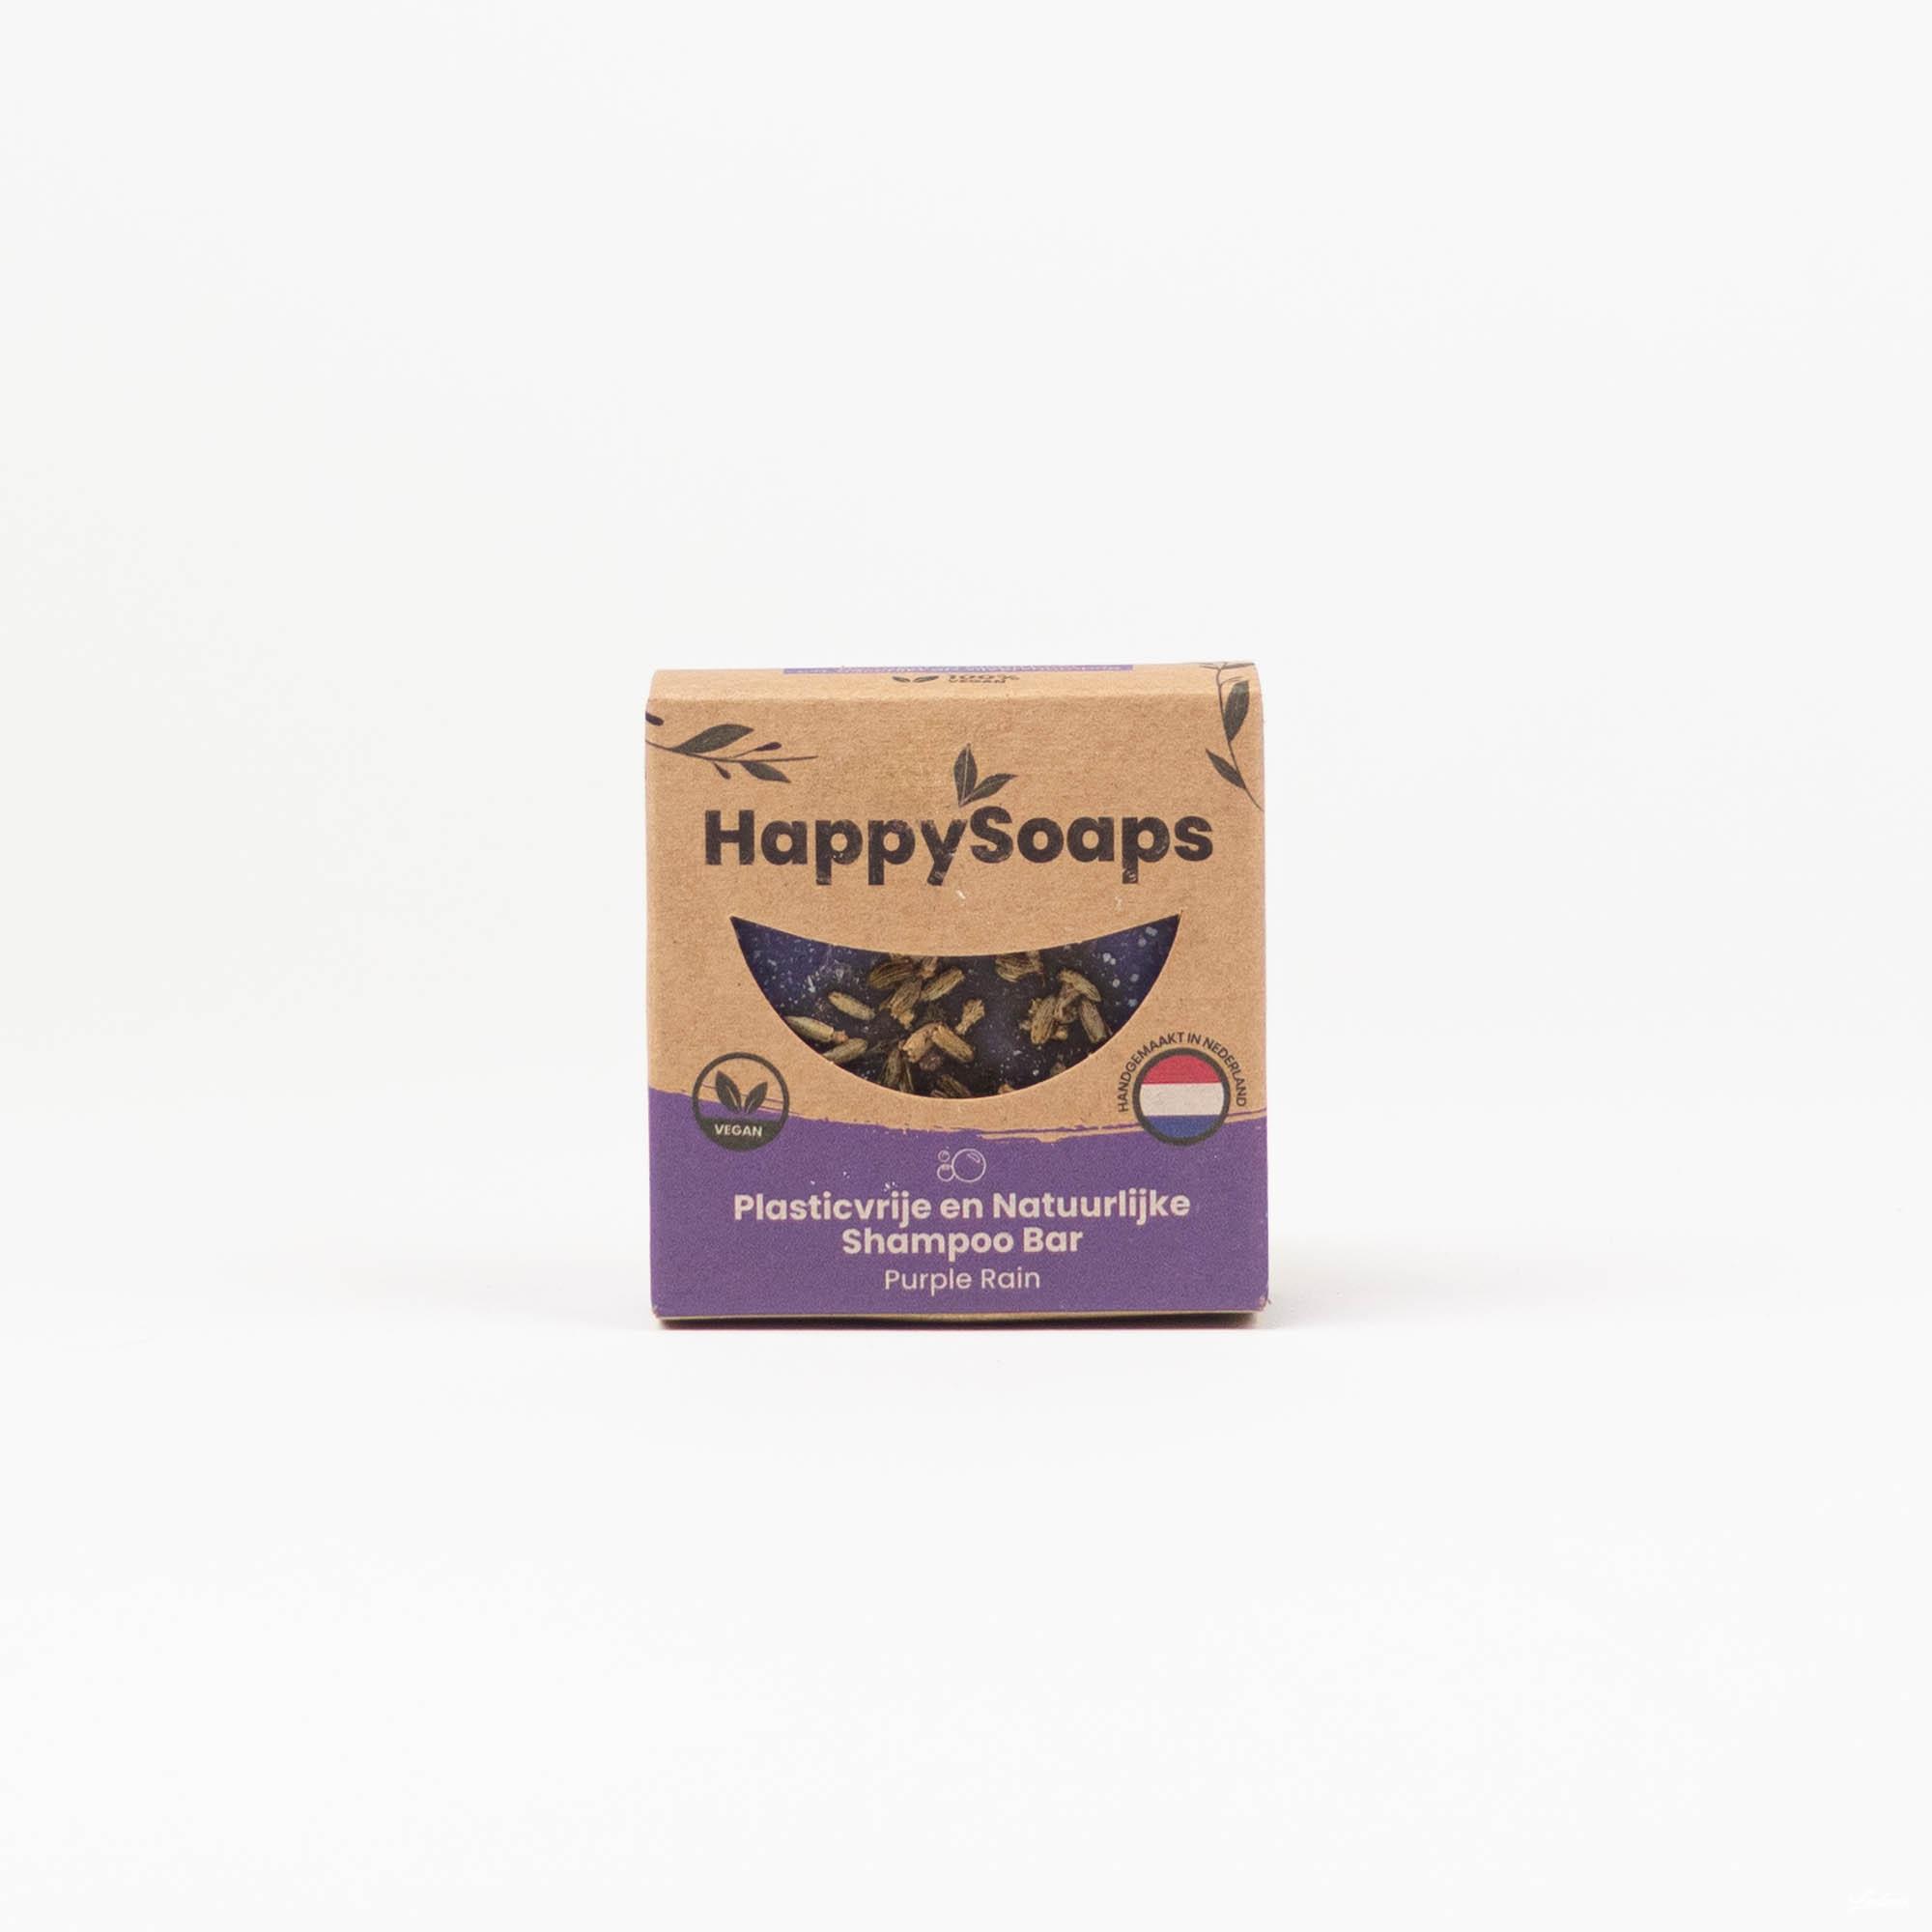 Happysoaps Purple Rain Shampoo Bar steeds aan de beste prijzen bij Wave Thirteen!